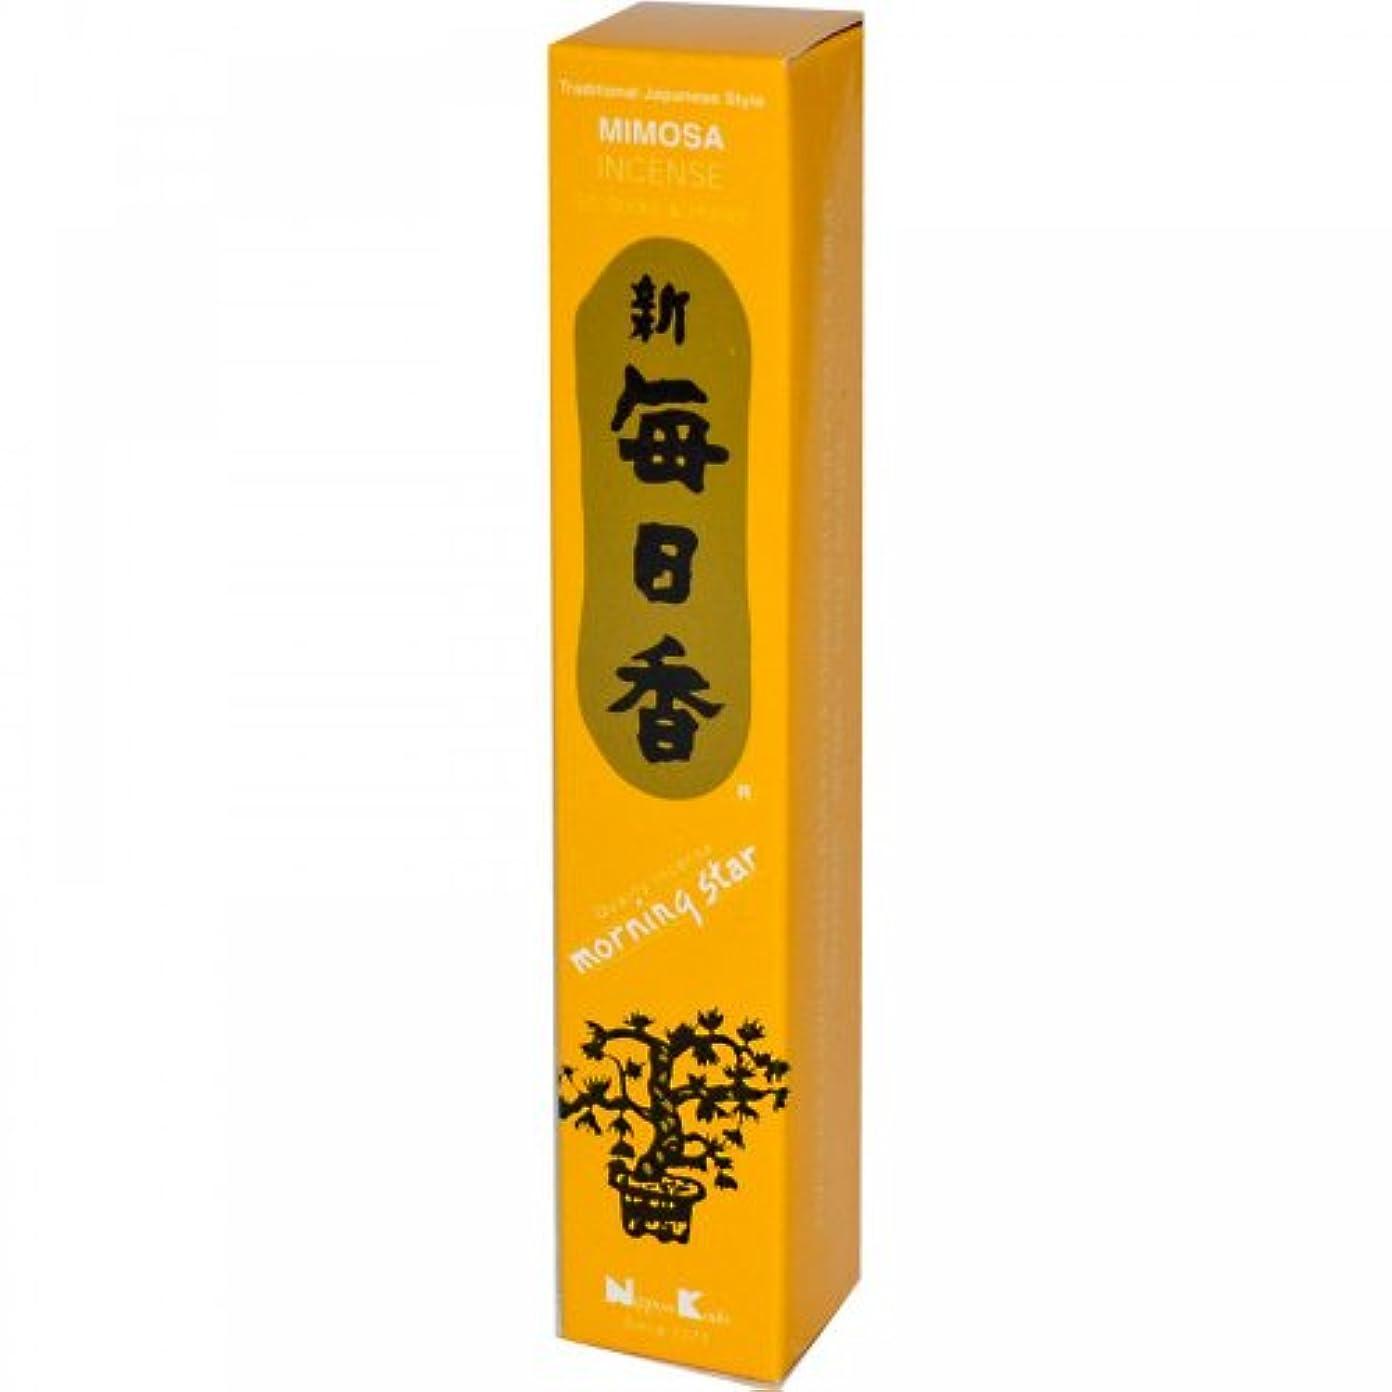 運賃ジャンル電子レンジMorning StarミモザIncense Sticks 50